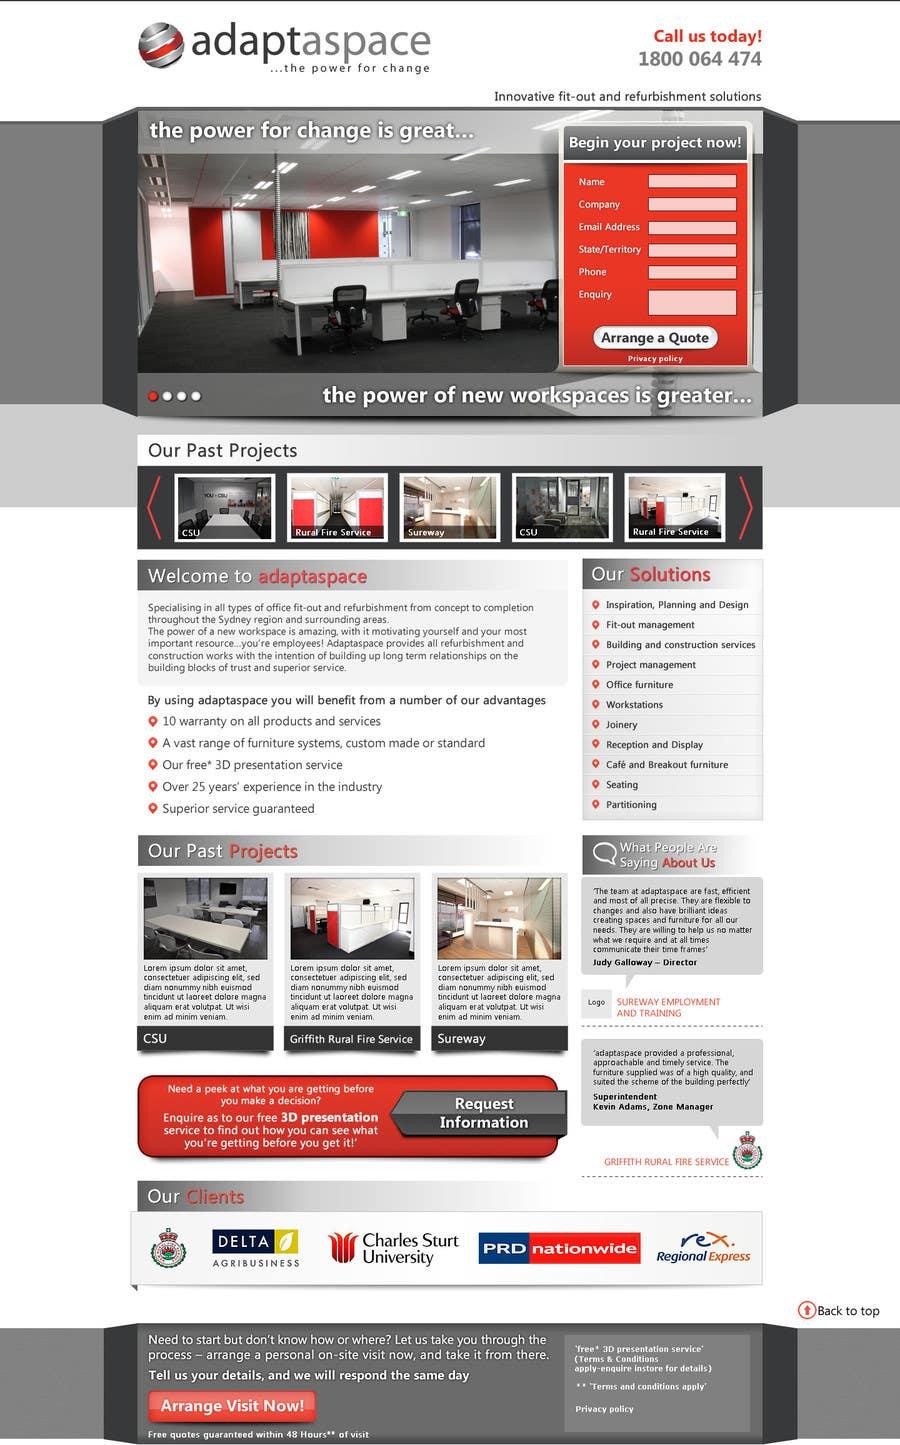 Konkurrenceindlæg #                                        23                                      for                                         Graphic Design for Landing Page